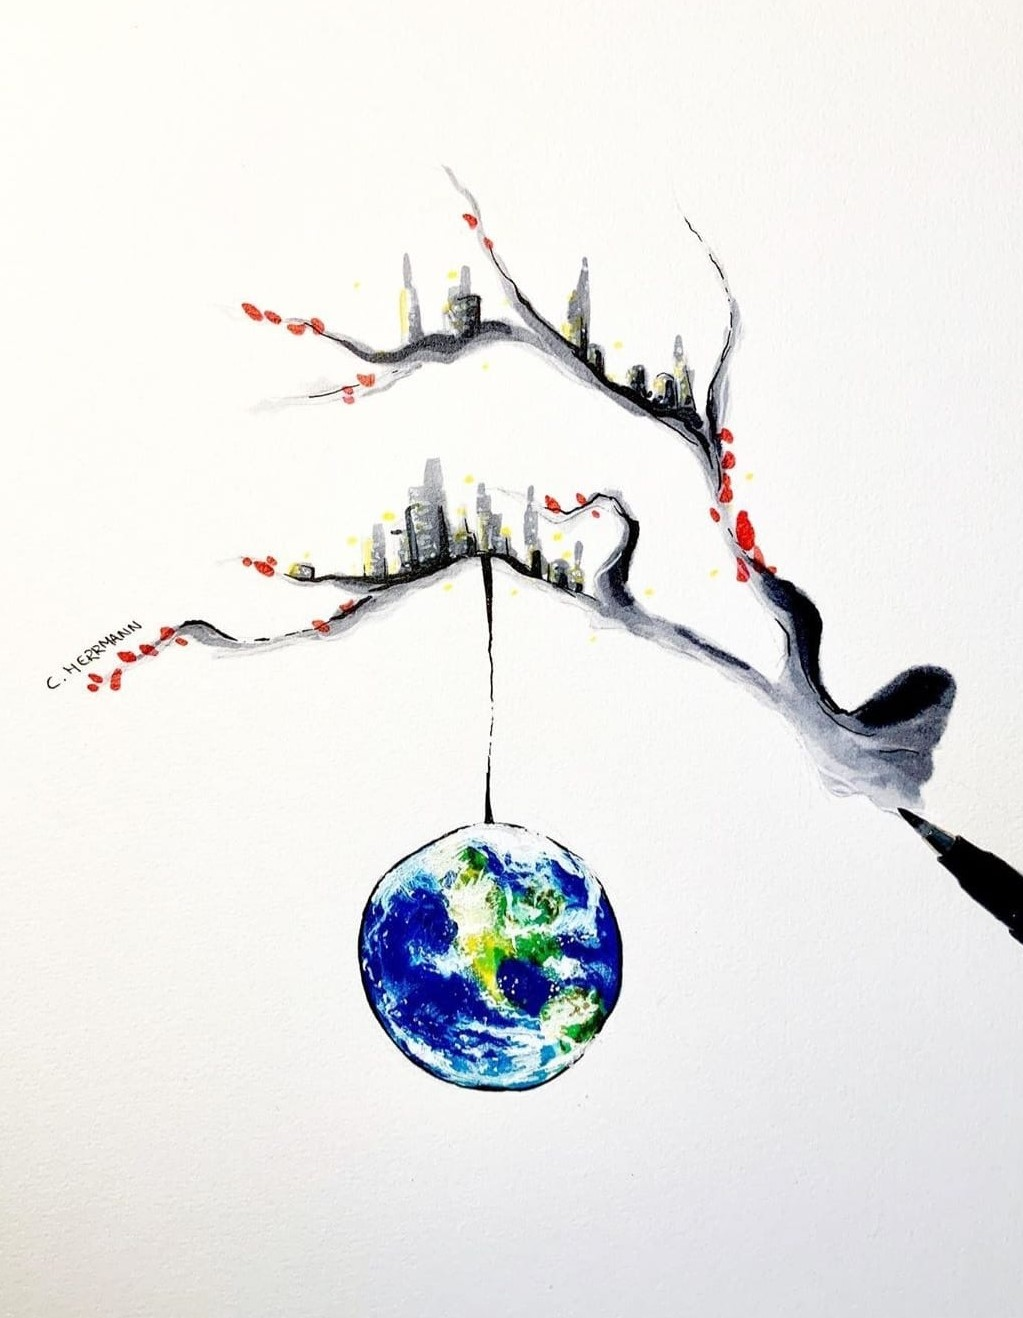 Hanging planet